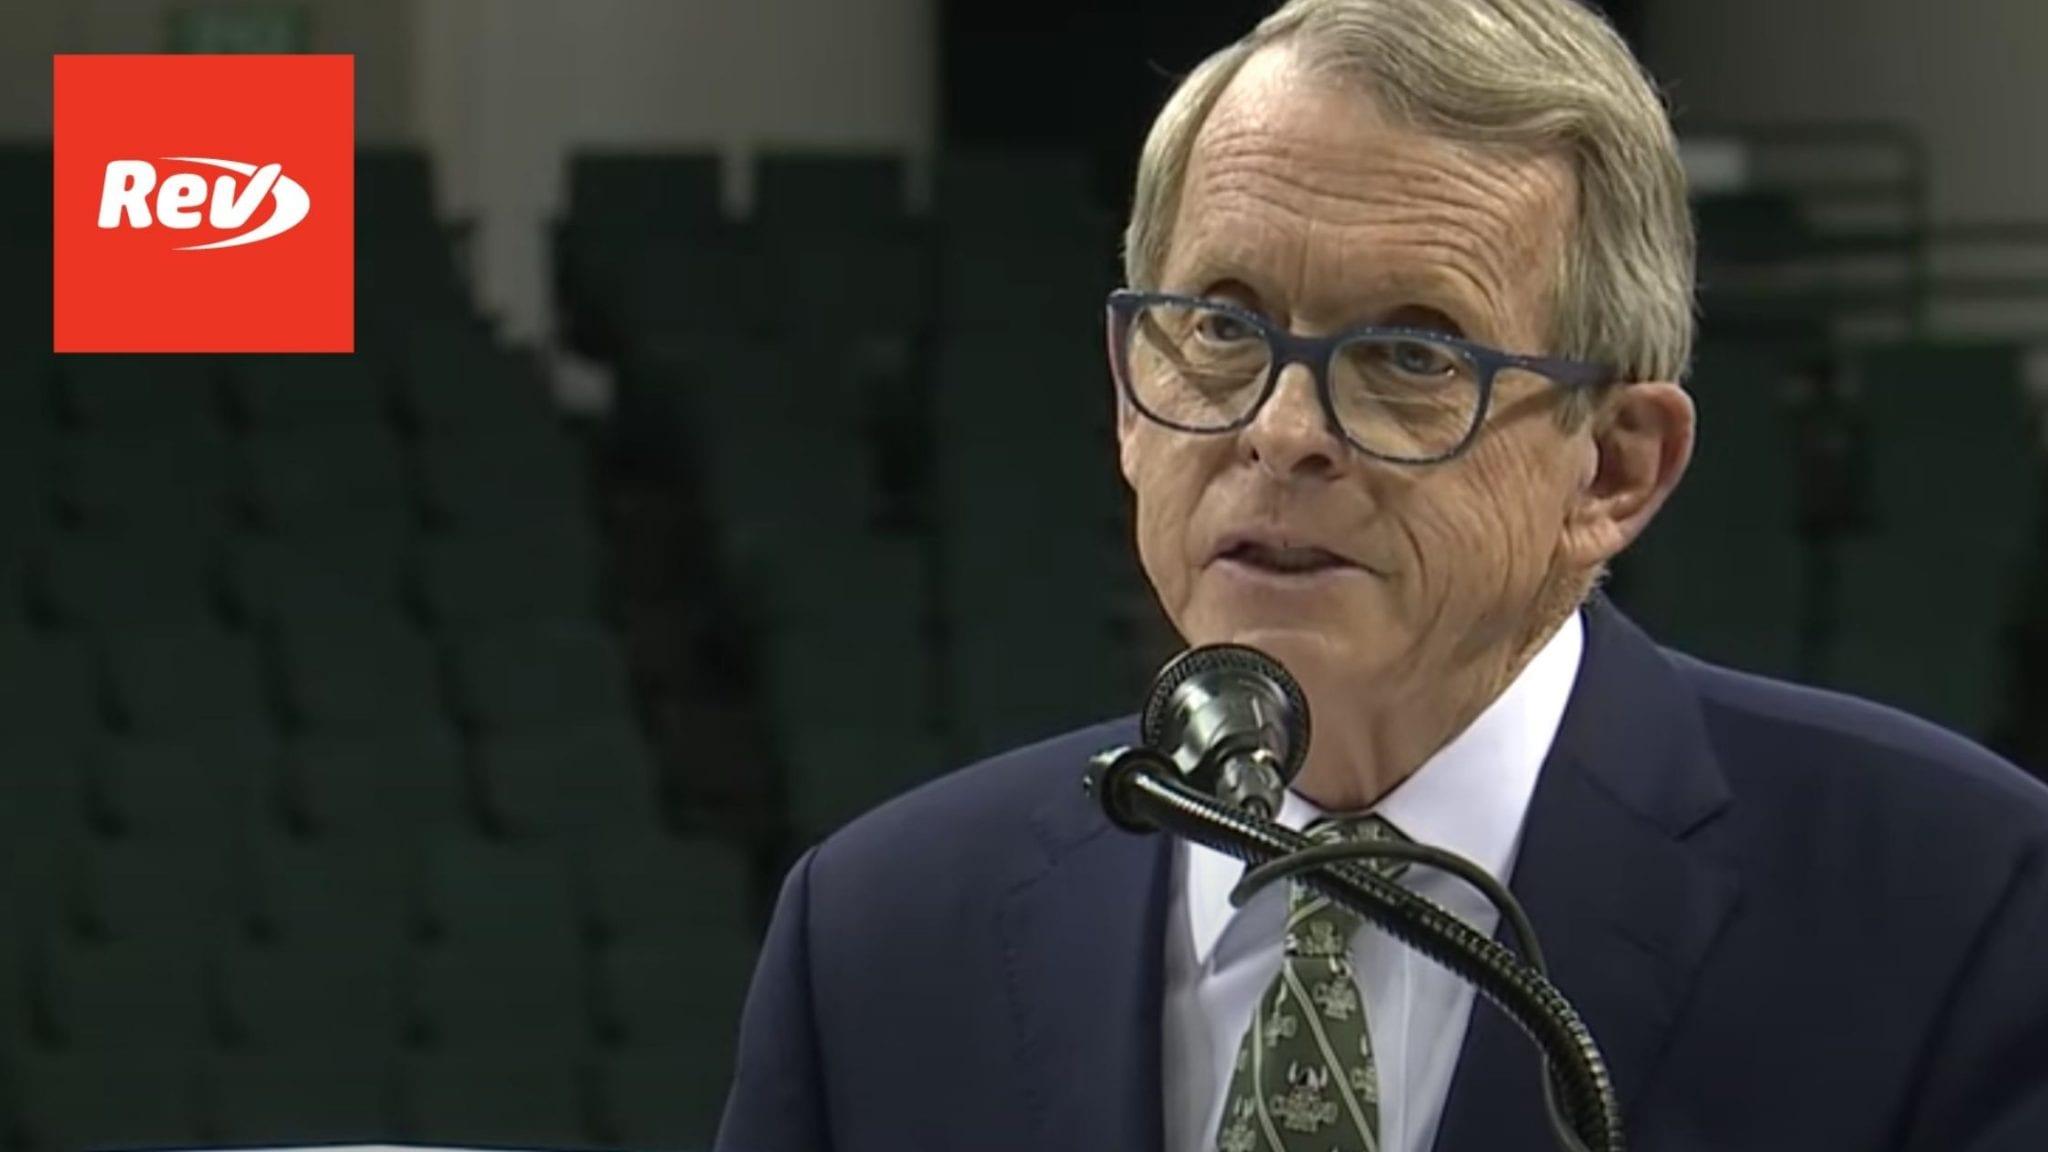 Ohio Gov. Mike DeWine COVID-19 Press Conference Transcript March 5